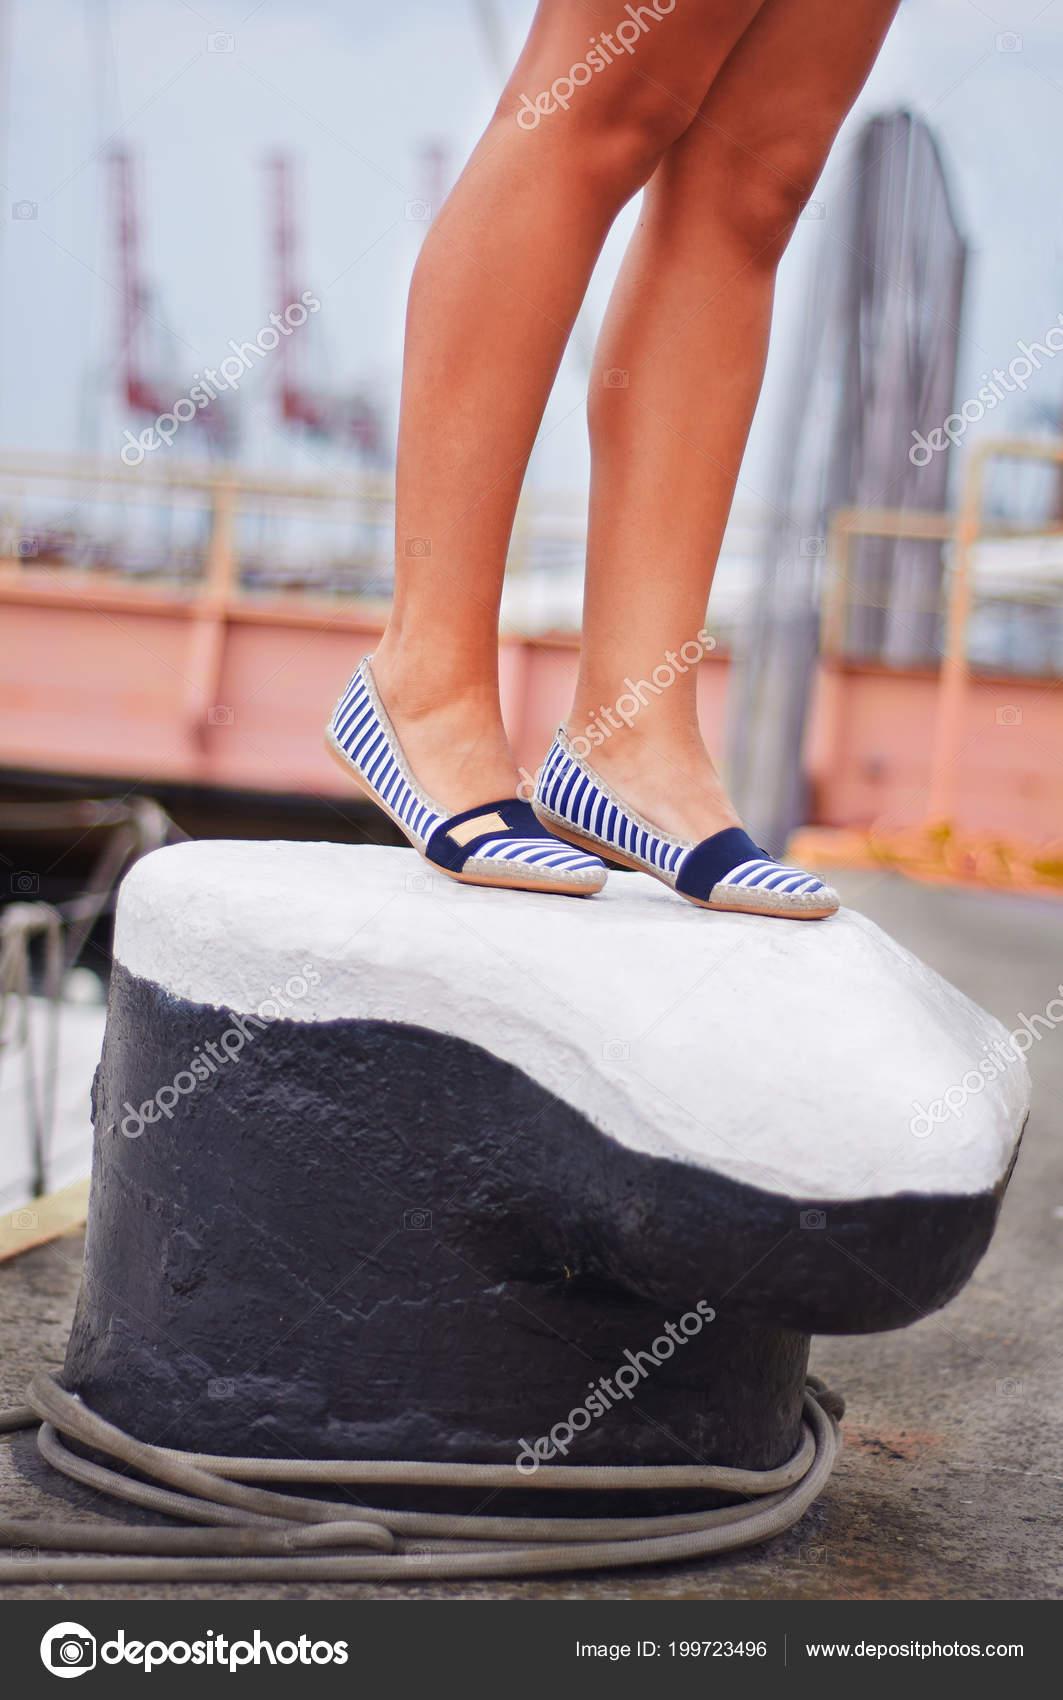 Chica Zapatos Soporte Joven Piernas Mar Encuentra Baliza Puerto 8XNkn0ZwOP